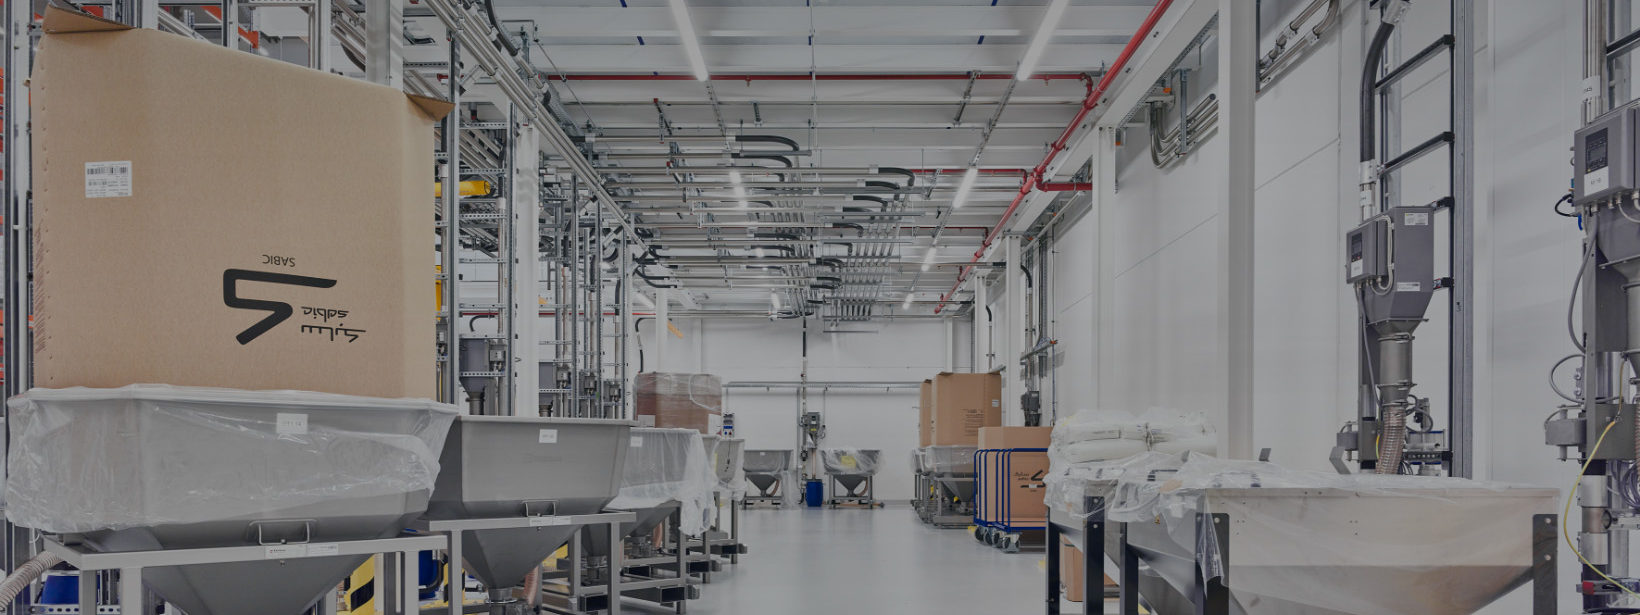 Innenansicht einer IE-Produktionshalle bei Ypsomed